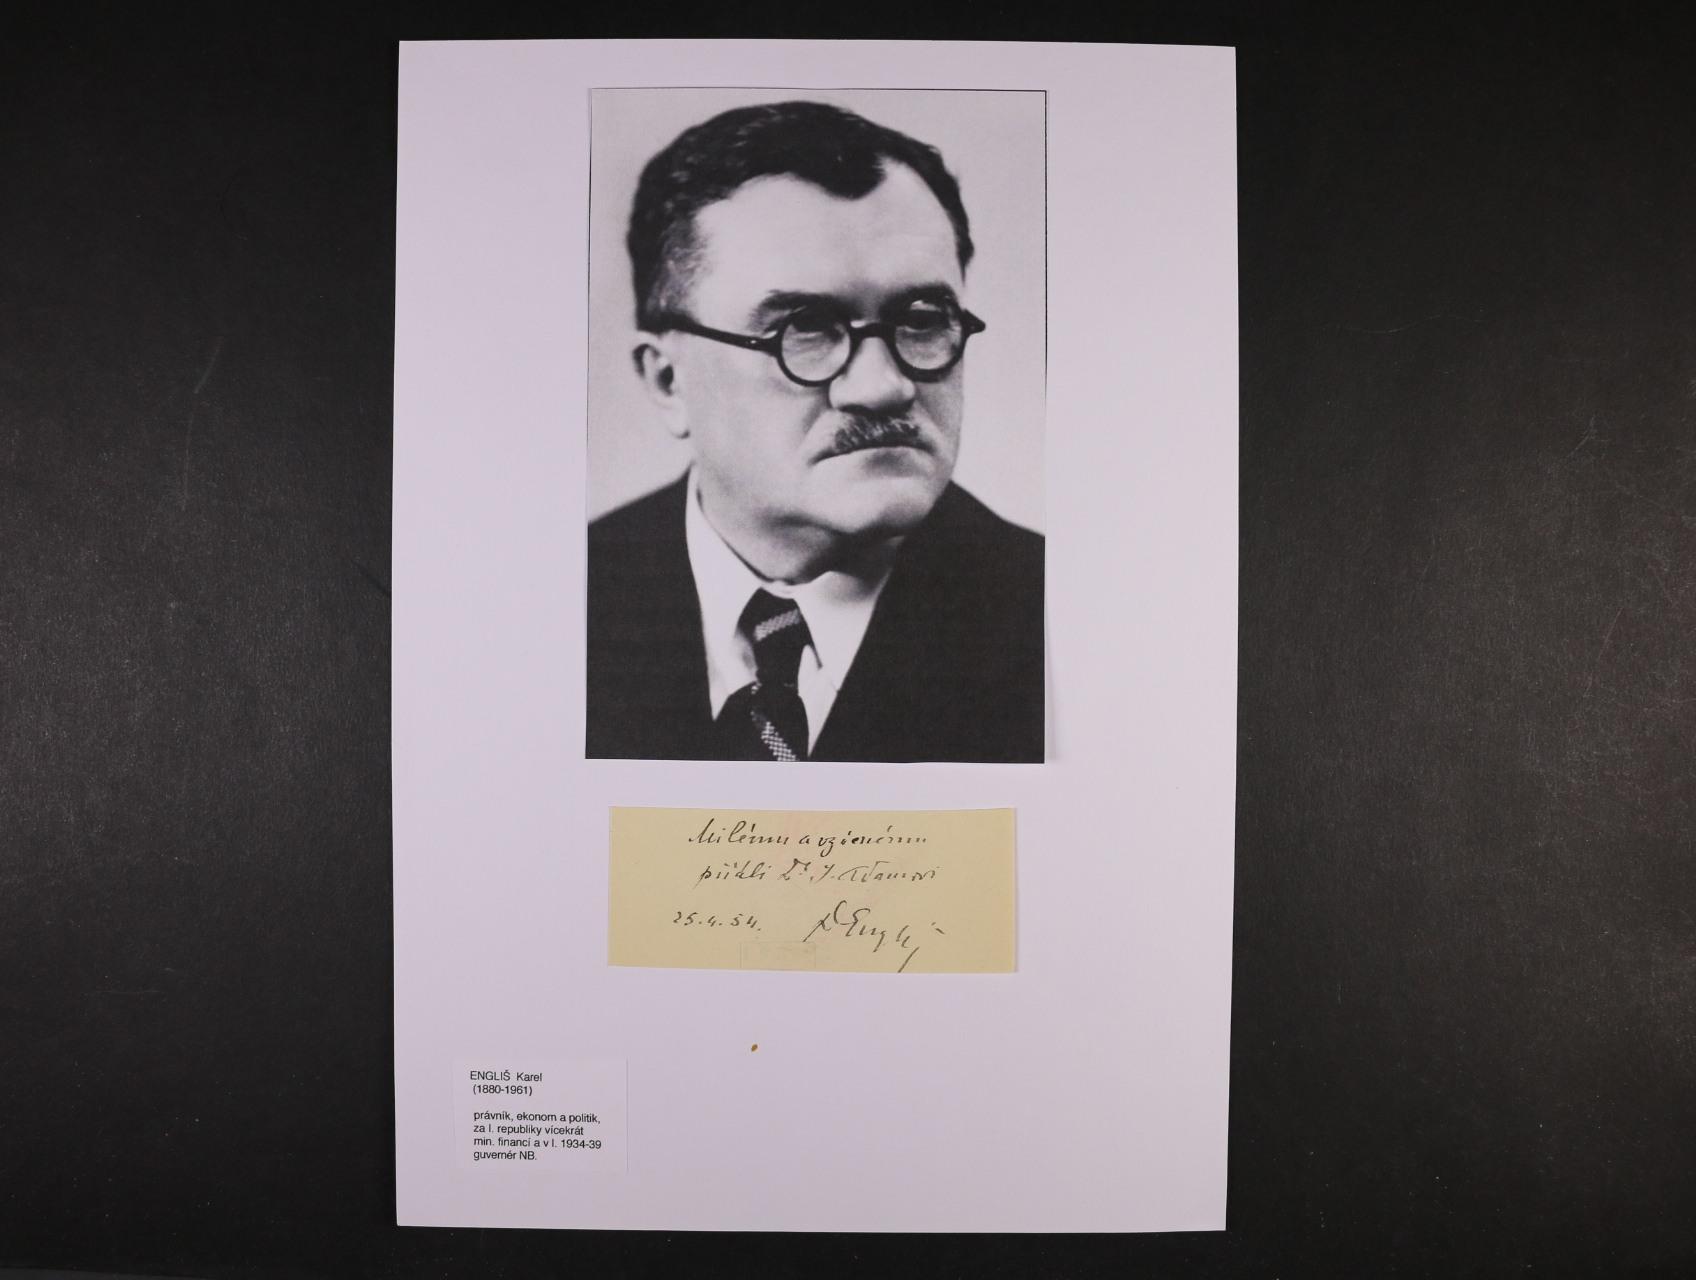 Engliš Karel 1880 - 1961, právník, ekonom a politik, ministr financí a guvernér Nár. banky v letech 1934 - 39 - kartička s věnováním a vlastnoručním podpisem s datací 25.4.1954